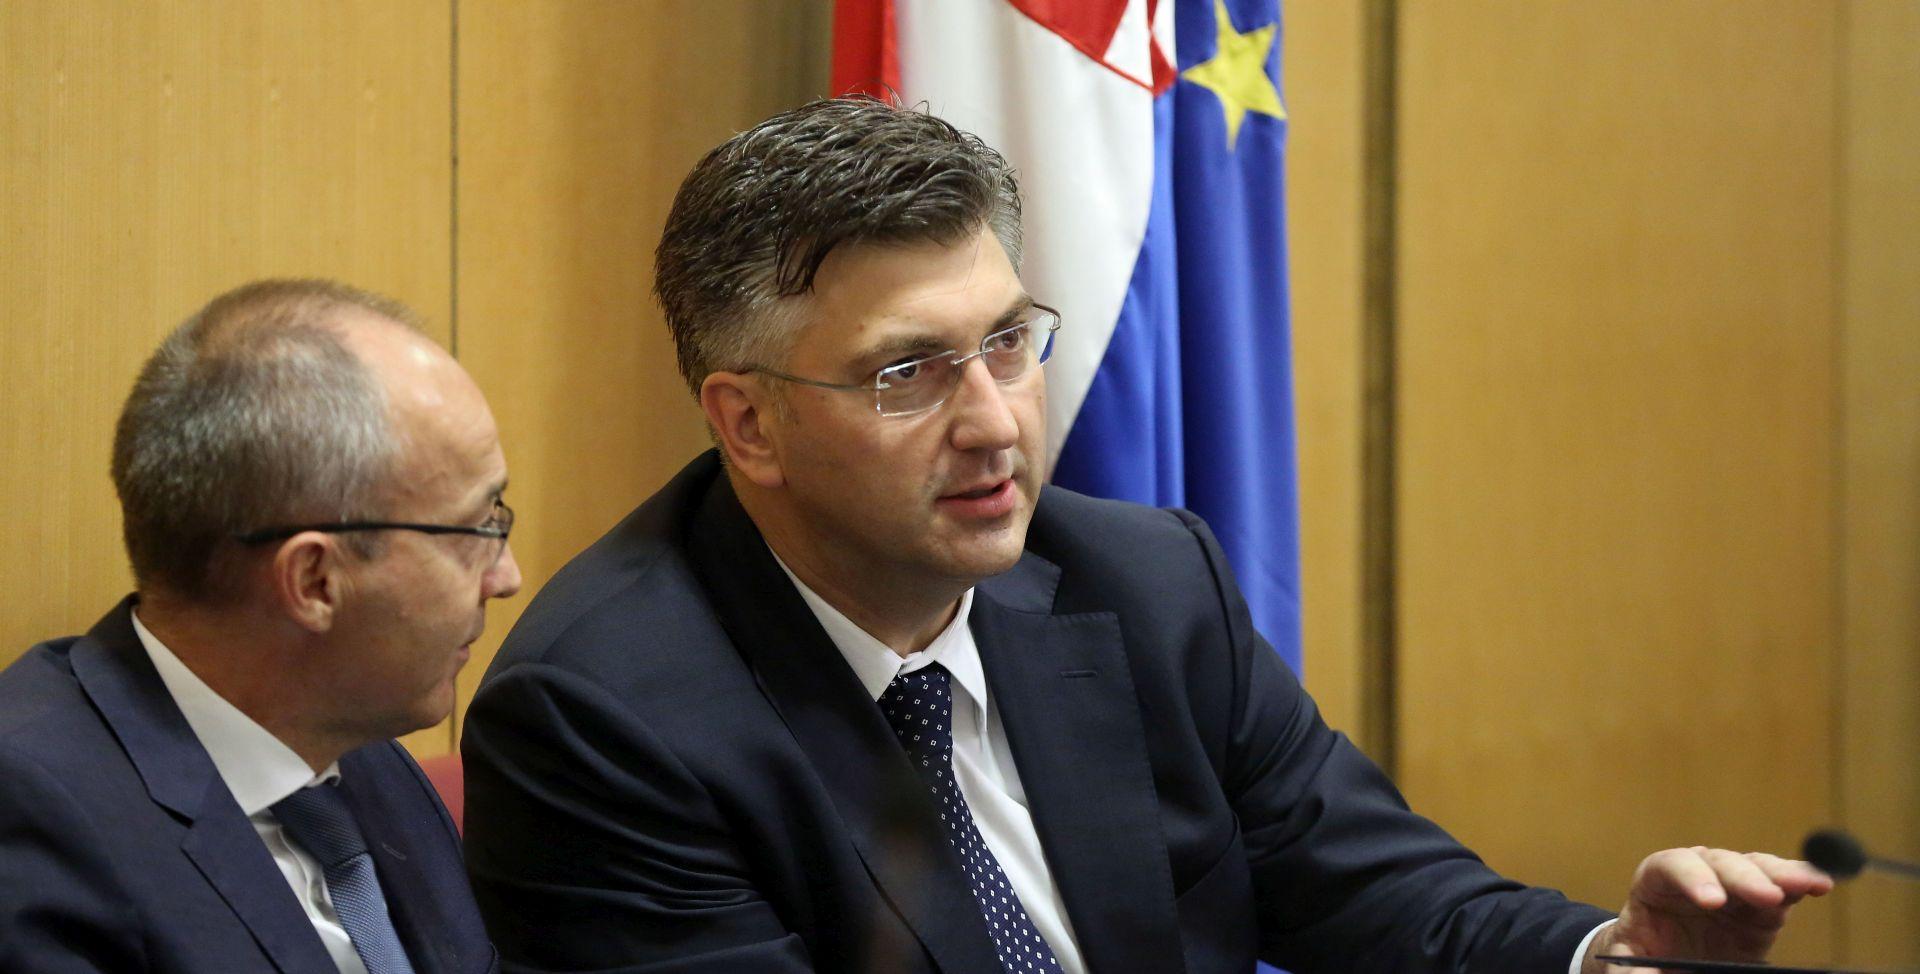 PLENKOVIĆ U SABORU 'Sigurnost hrvatskih građana i državnog teritorija temeljna zadaća države'